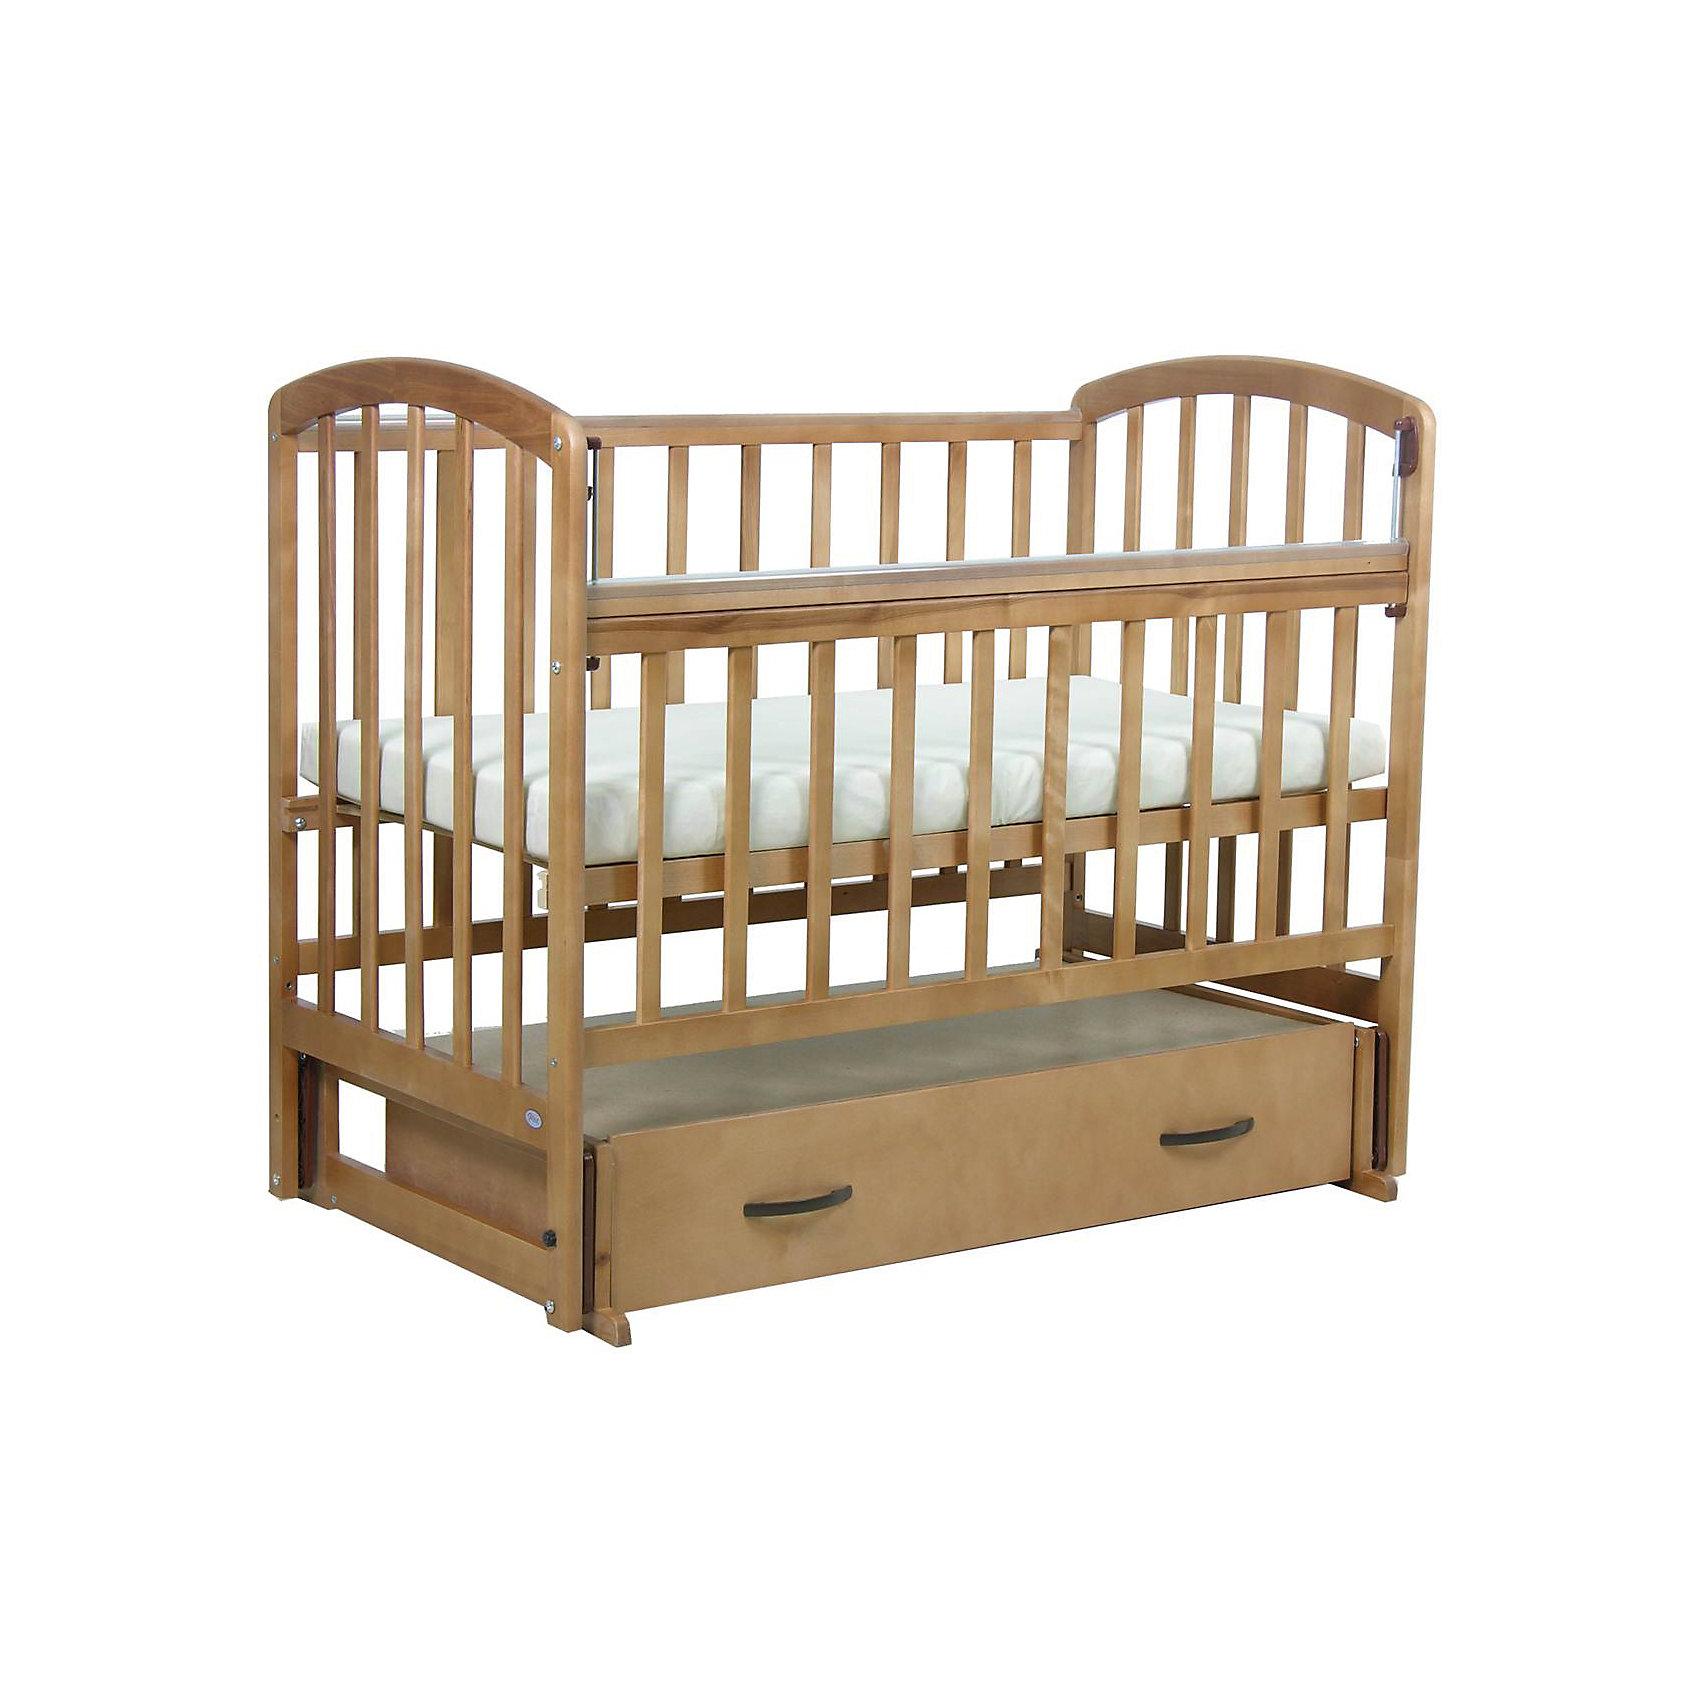 Кроватка 311, поперечный маятник, Фея, медовыйКачественная детская мебель всегда отличается от взрослой, так как производится с учетом потребностей малышей. Данная кроватка обеспечит удобство и ребенку и маме - она имеет удобный механизм опускания передней планки и колесики, с помощью которых кроватку можно перемещать.<br>В этой модели - маятниковый механизм поперечного качания, также есть удобный ящик. Кроватка сделана из качественного дерева, покрытого лаком. Цвет - универсальный, подойдет практически для любого интерьера. Все материалы тщательно подобраны специалистами и безопасны для детей.<br><br>Дополнительная информация:<br><br>цвет: медовый;<br>материал: береза, лак;<br>передняя планка удобно опускается;<br>выдвижной ящик;<br>ложе имеет 2 положения;<br>колёсики;<br>силиконовые накладки;<br>размер ящика под кроватью: 109, 5x 58 х 20 см;<br>размер: 124 х 70 х 101 см ;<br>ложе: 60 на 120 см;<br>вес: 30 кг.<br><br>Кроватку 311 торговой марки Фея можно купить в нашем магазине.<br><br>Ширина мм: 1248<br>Глубина мм: 750<br>Высота мм: 1037<br>Вес г: 27650<br>Возраст от месяцев: 0<br>Возраст до месяцев: 36<br>Пол: Унисекс<br>Возраст: Детский<br>SKU: 4873612